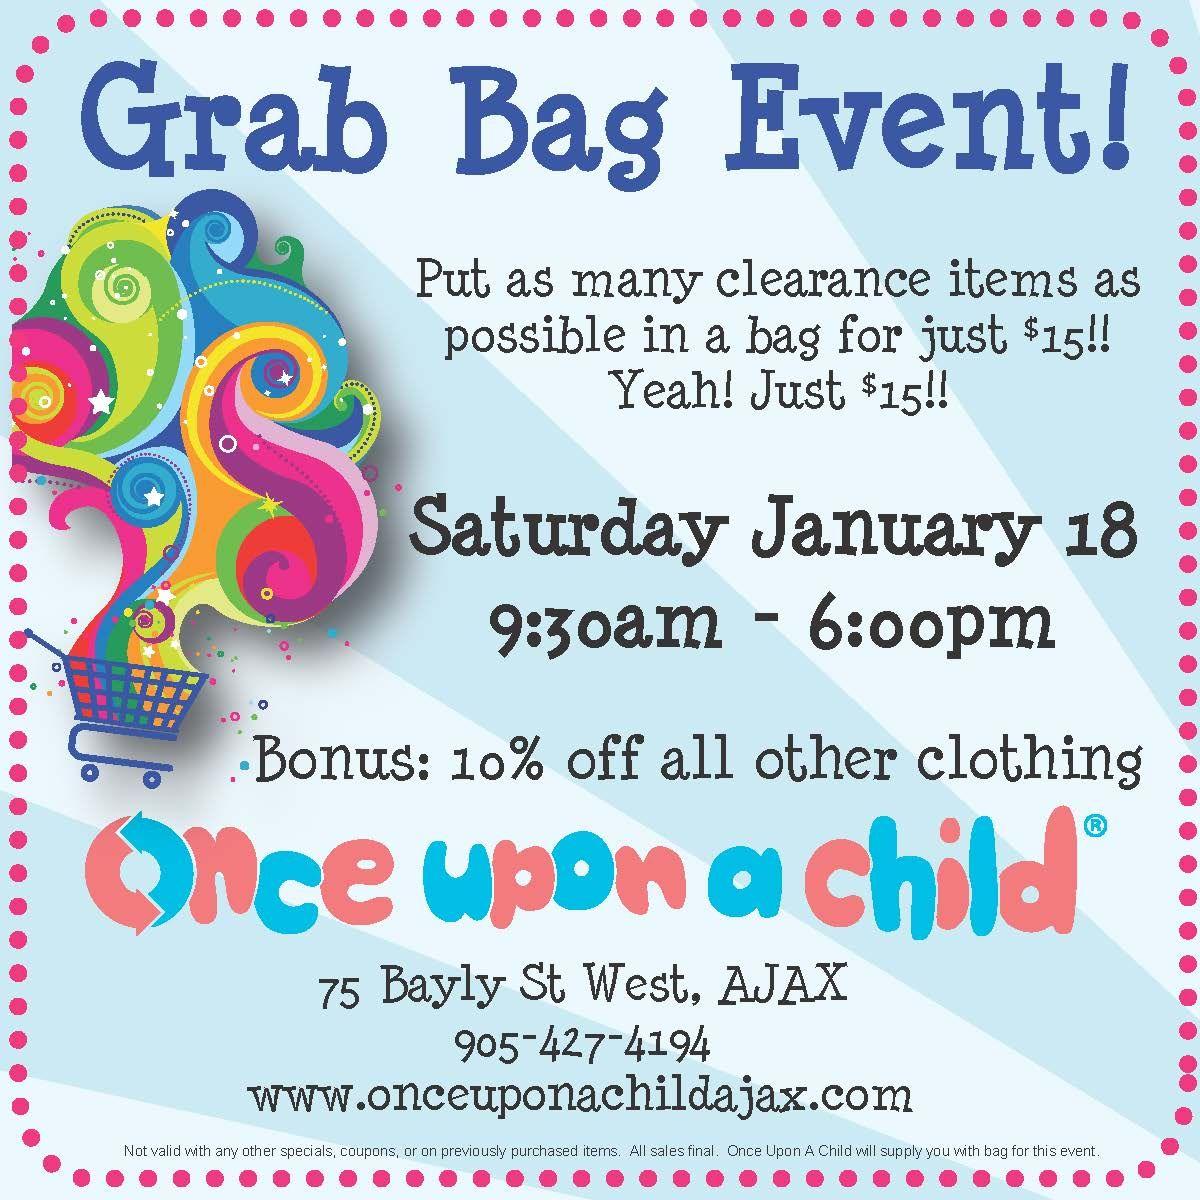 Grab Bag Event Saay Jan